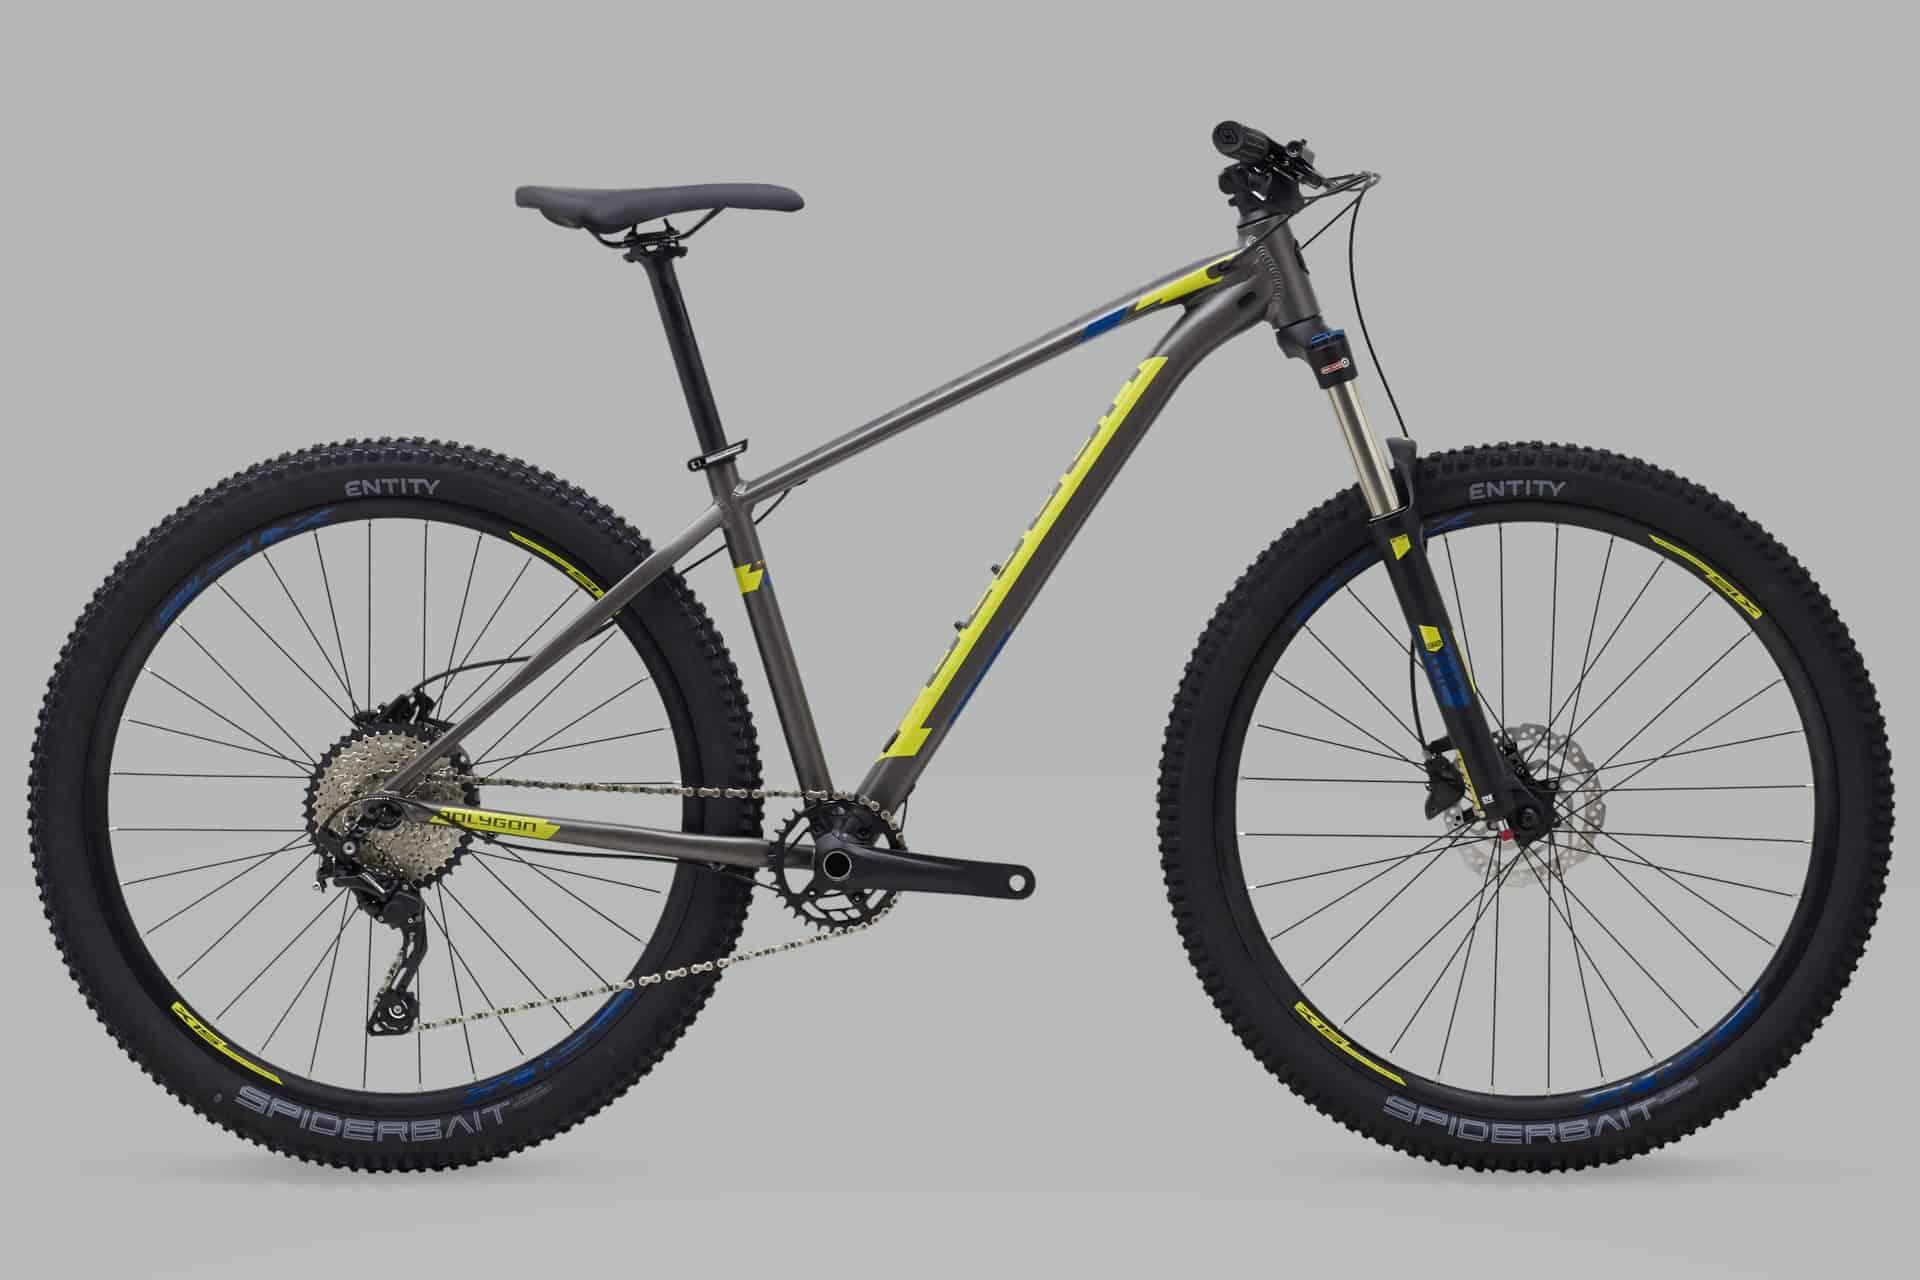 Spesifikasi dan Harga Polygon Xtrada 6 1X10 2020 Sepeda.Me